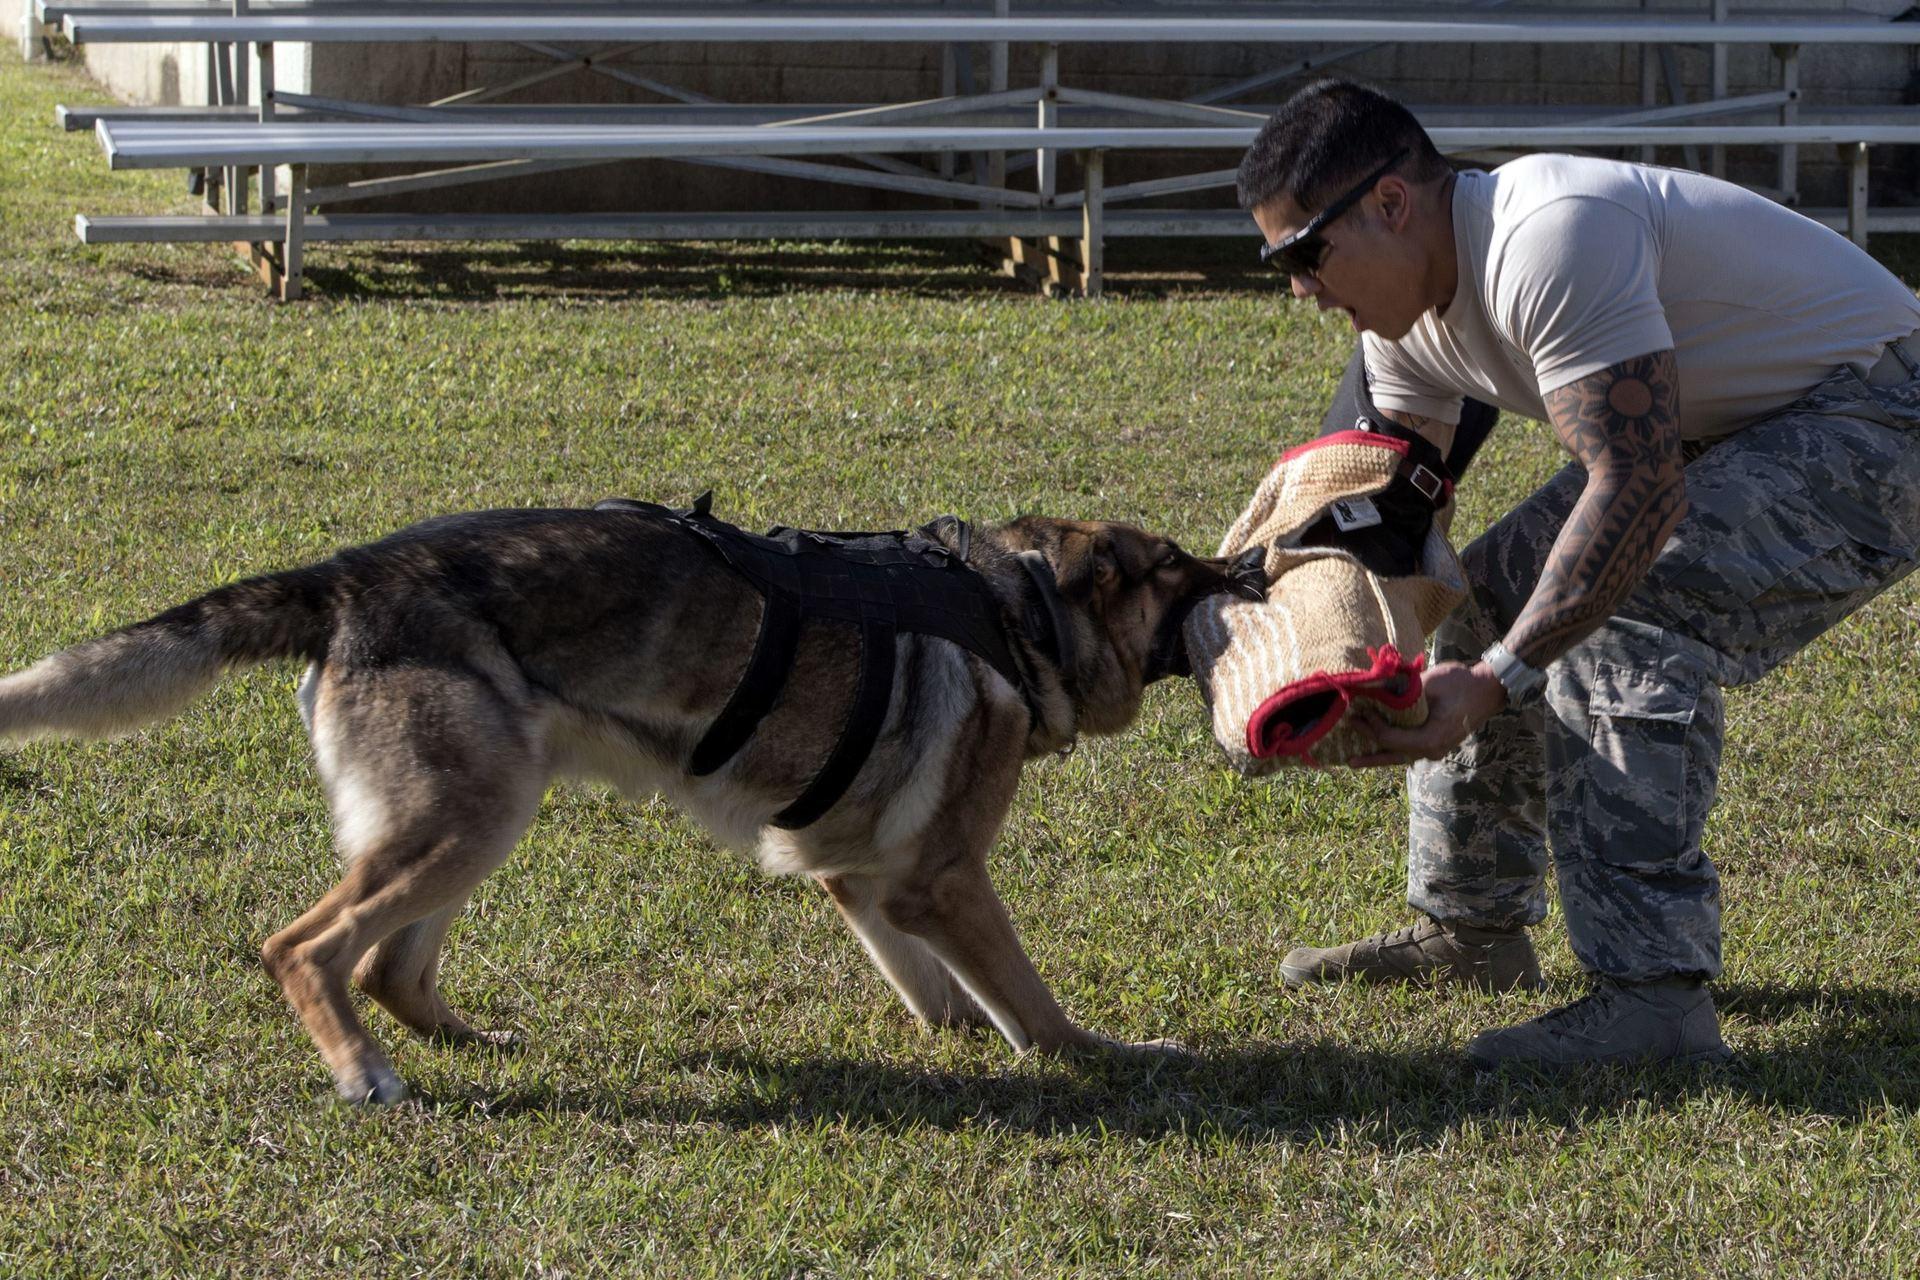 5 пород собак с самой «чудовищной» силой укуса. Собаки, которые могут противостоять любому противнику: описание